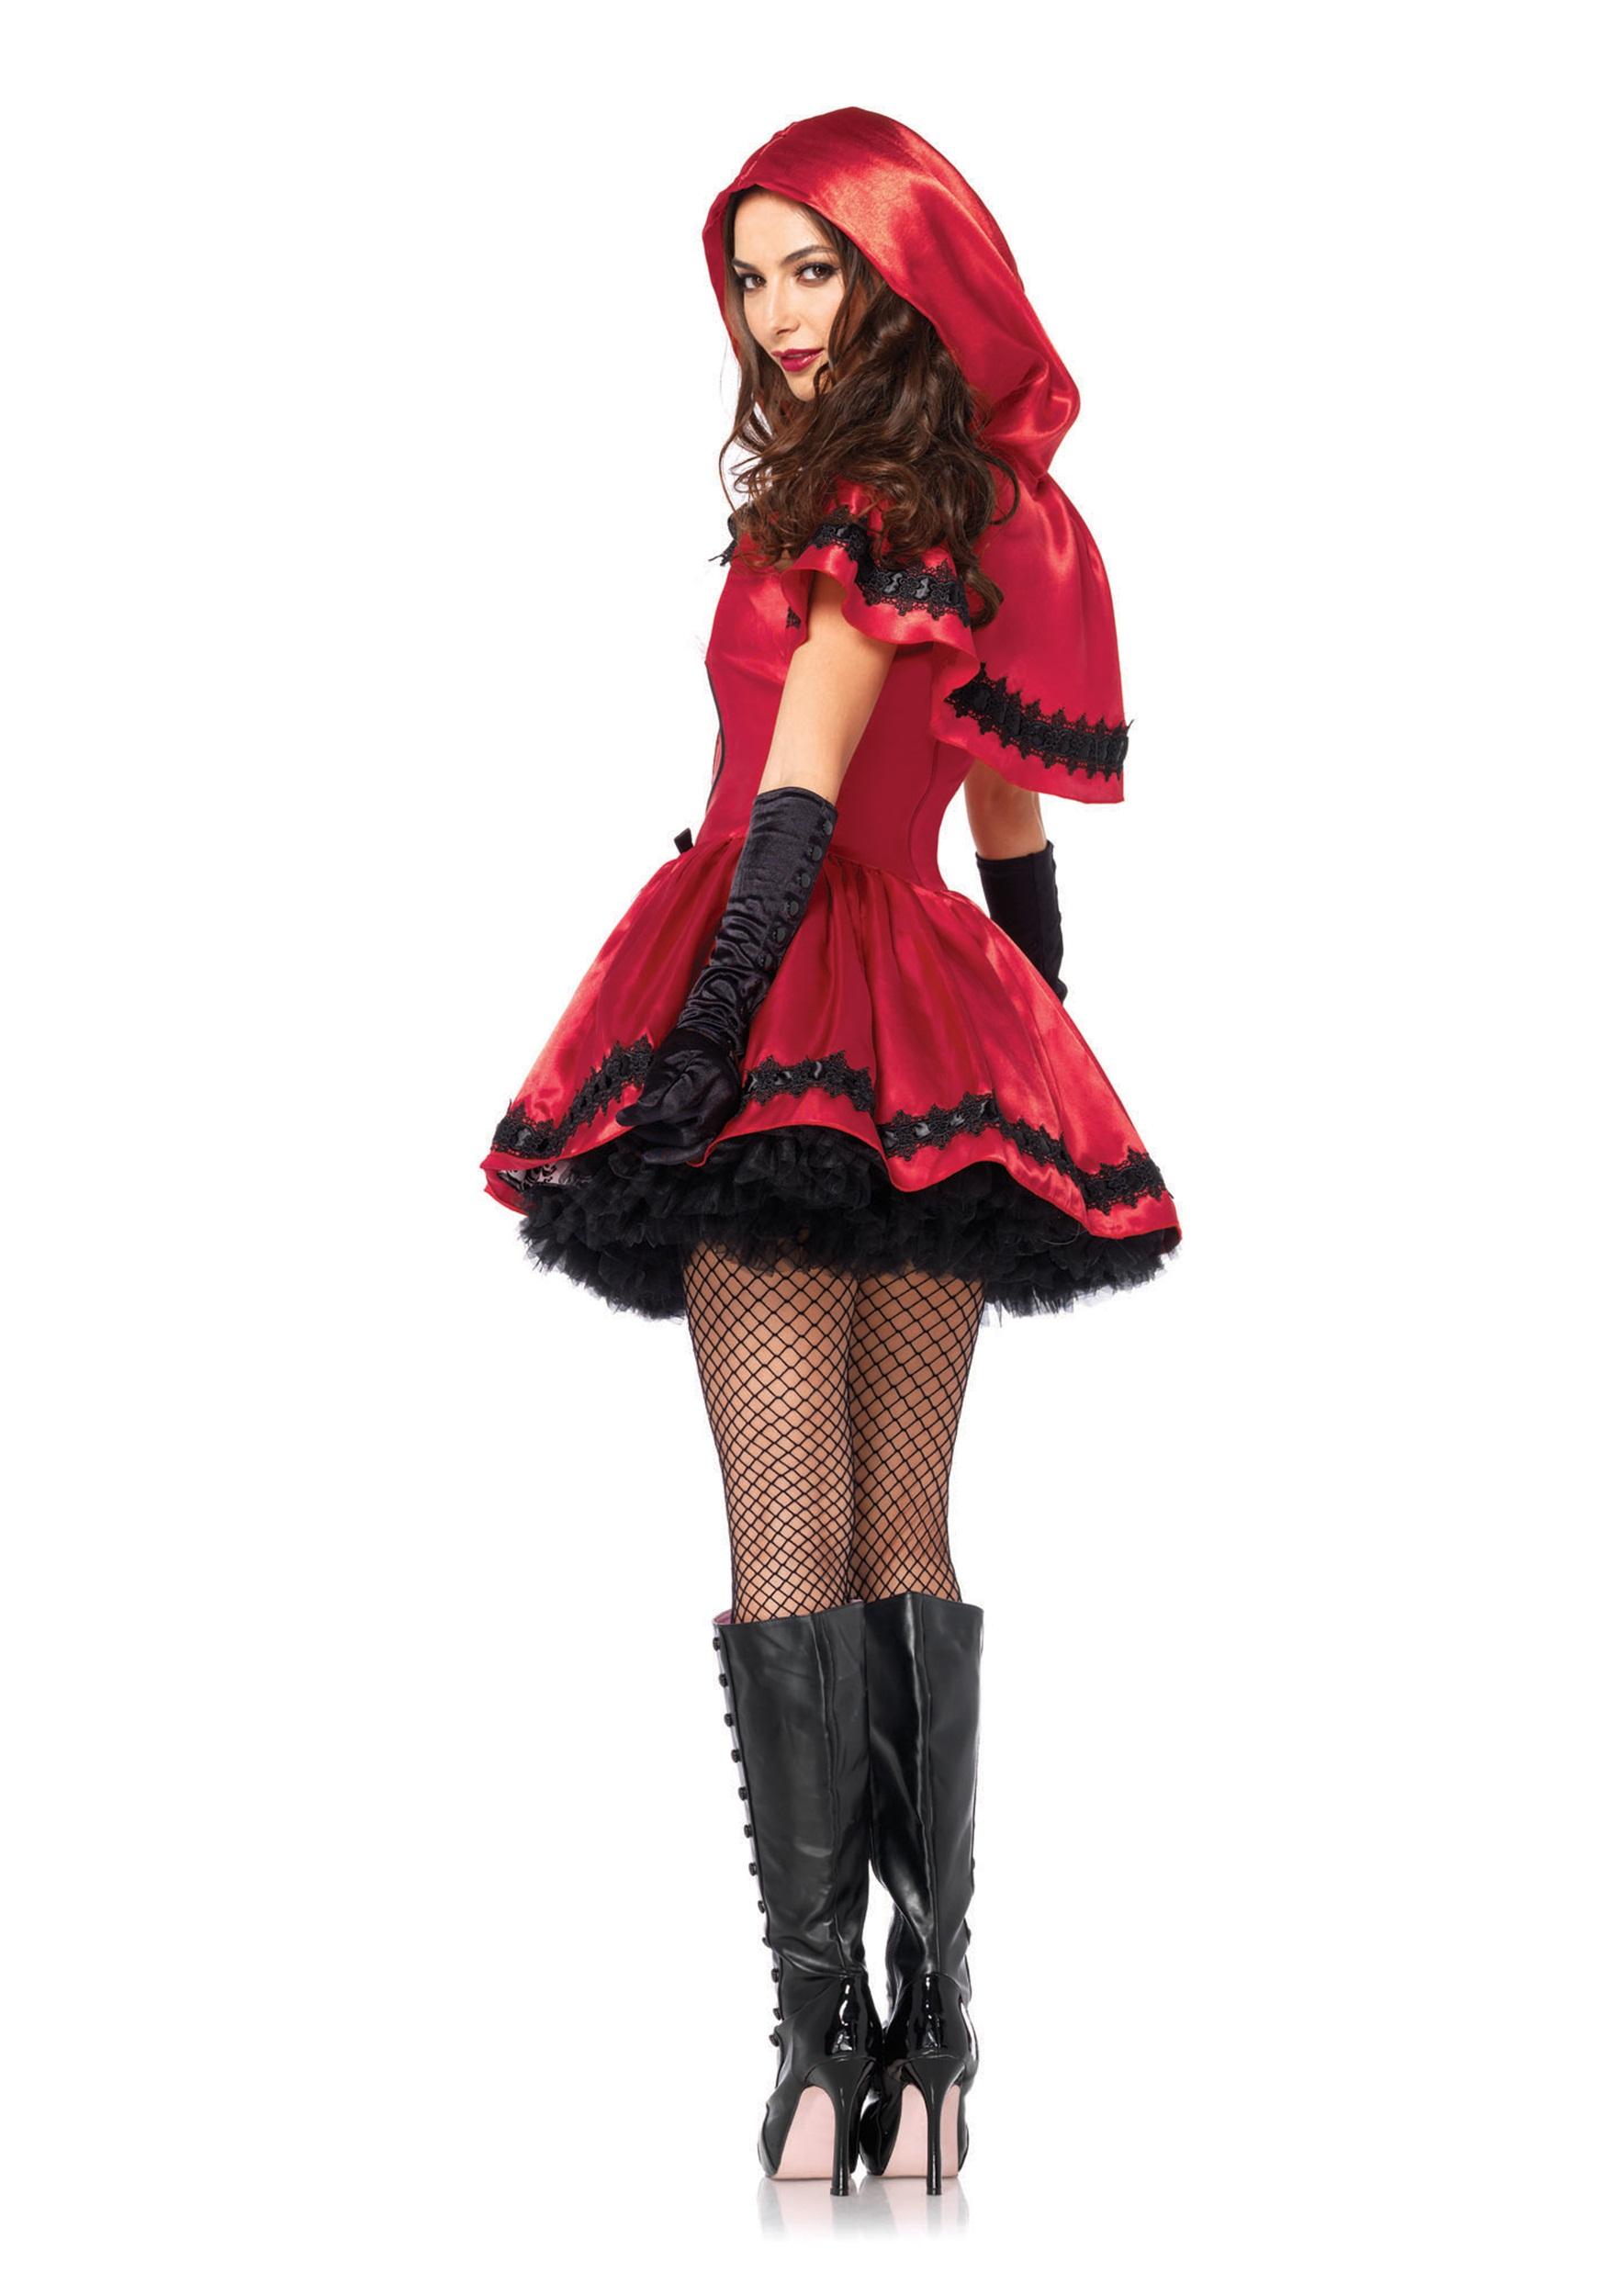 Disfraces Para Halloween De Caperucita Roja.Disfraz Gotico De Caperucita Roja Para Adulto